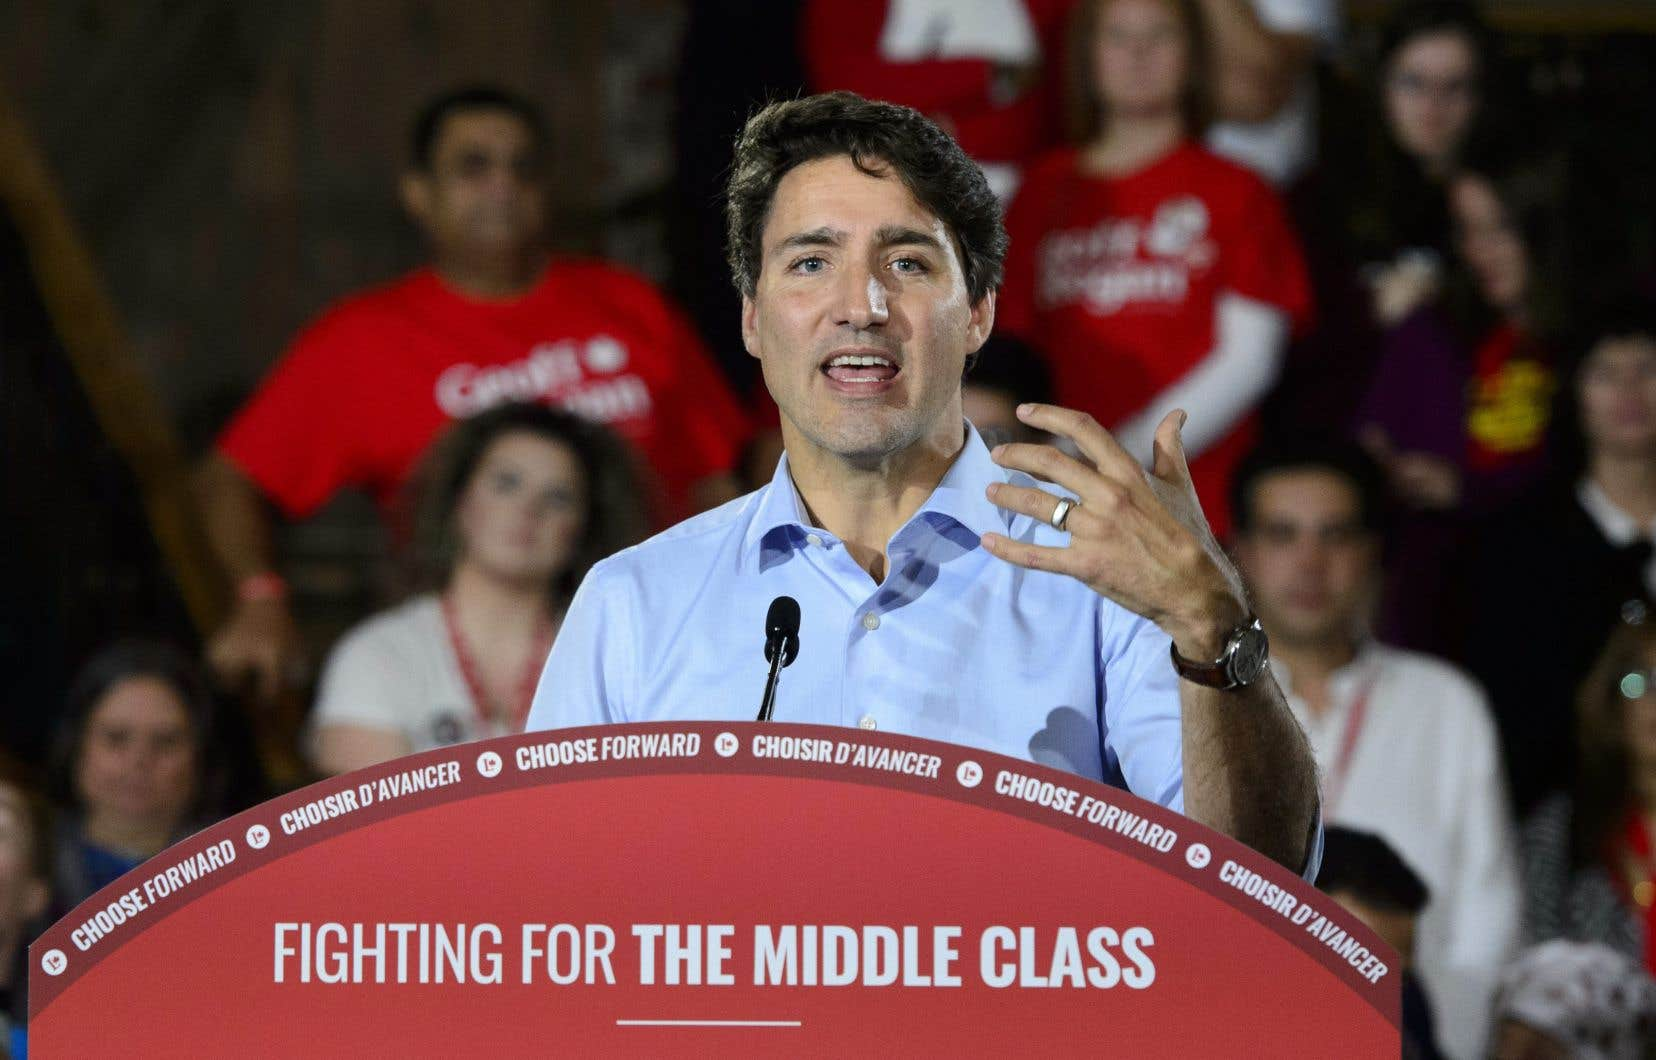 Le chef libéral fédéral, Justin Trudeau (sur la photo), a lancé un avertissement à son homologue,le premier ministre du Nouveau-Brunswick, Blaine Higgs.